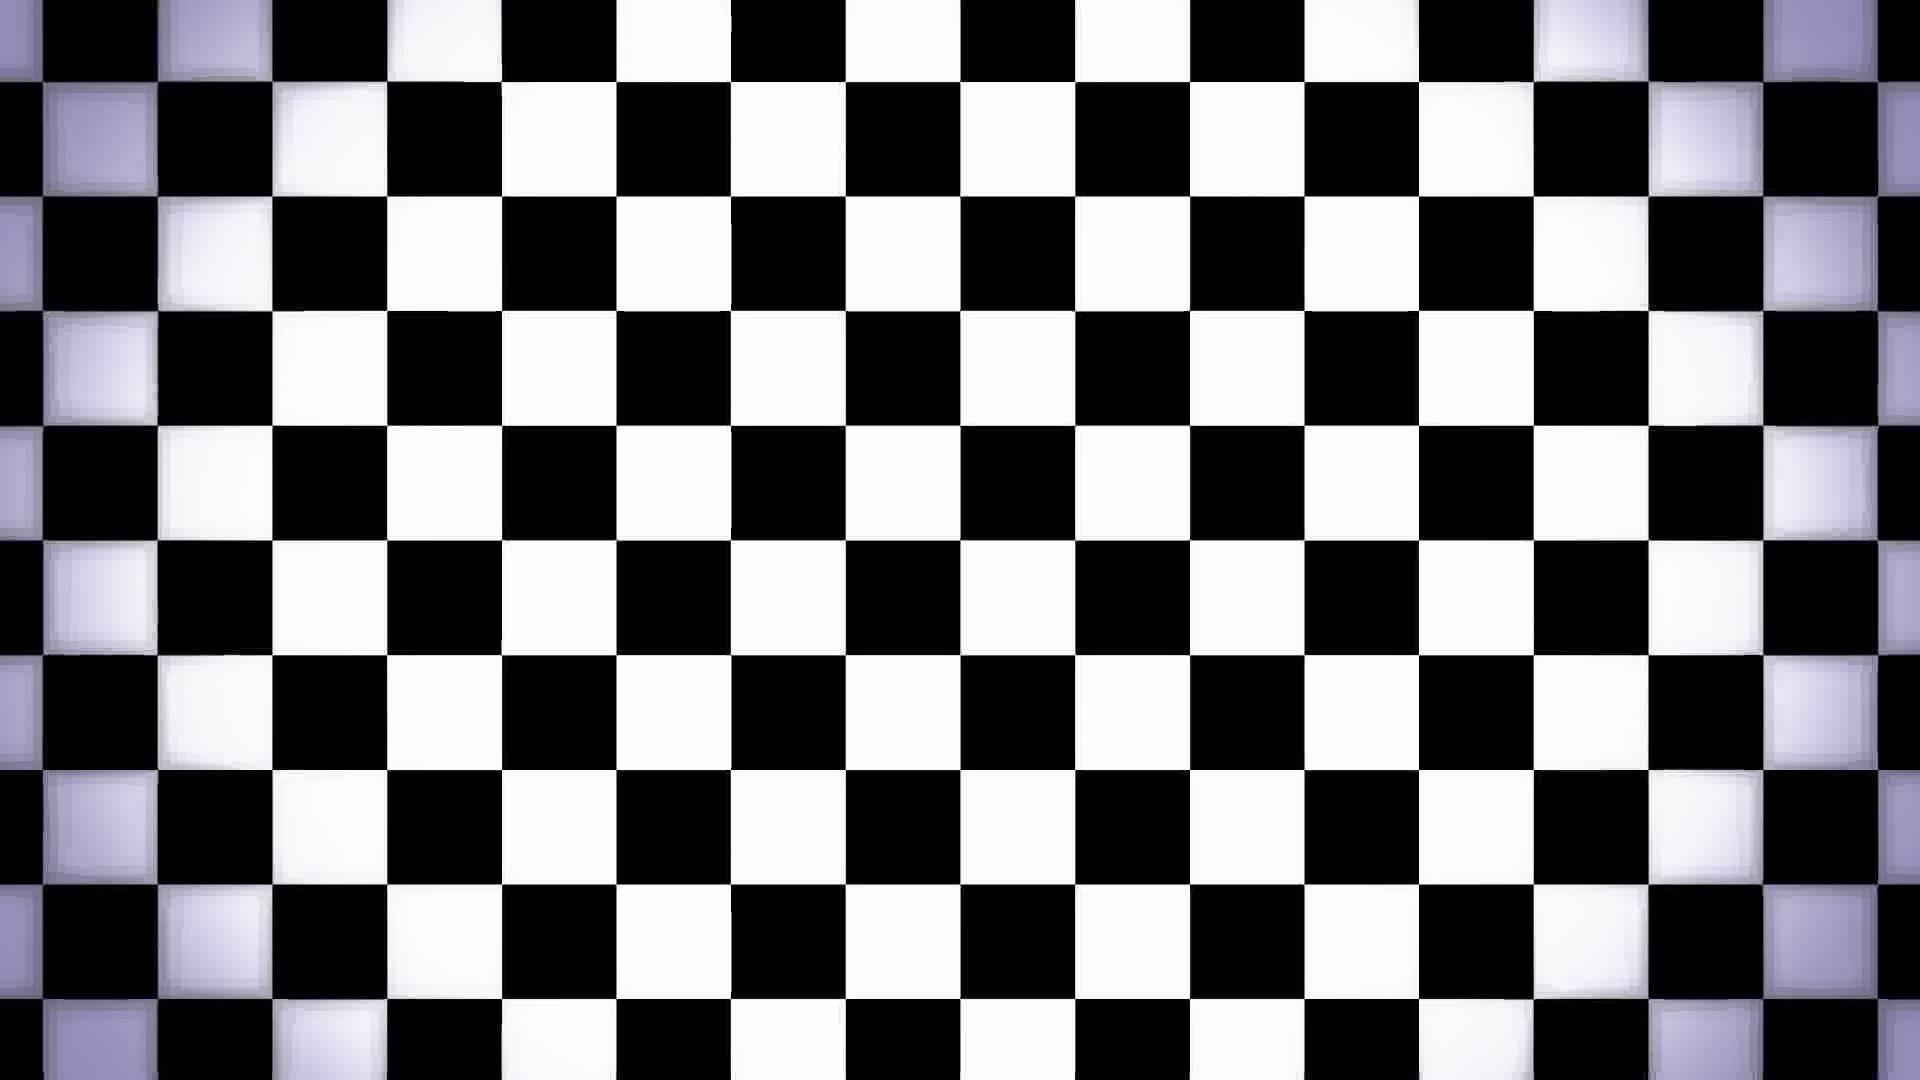 Checkerboard PC Wallpaper HD